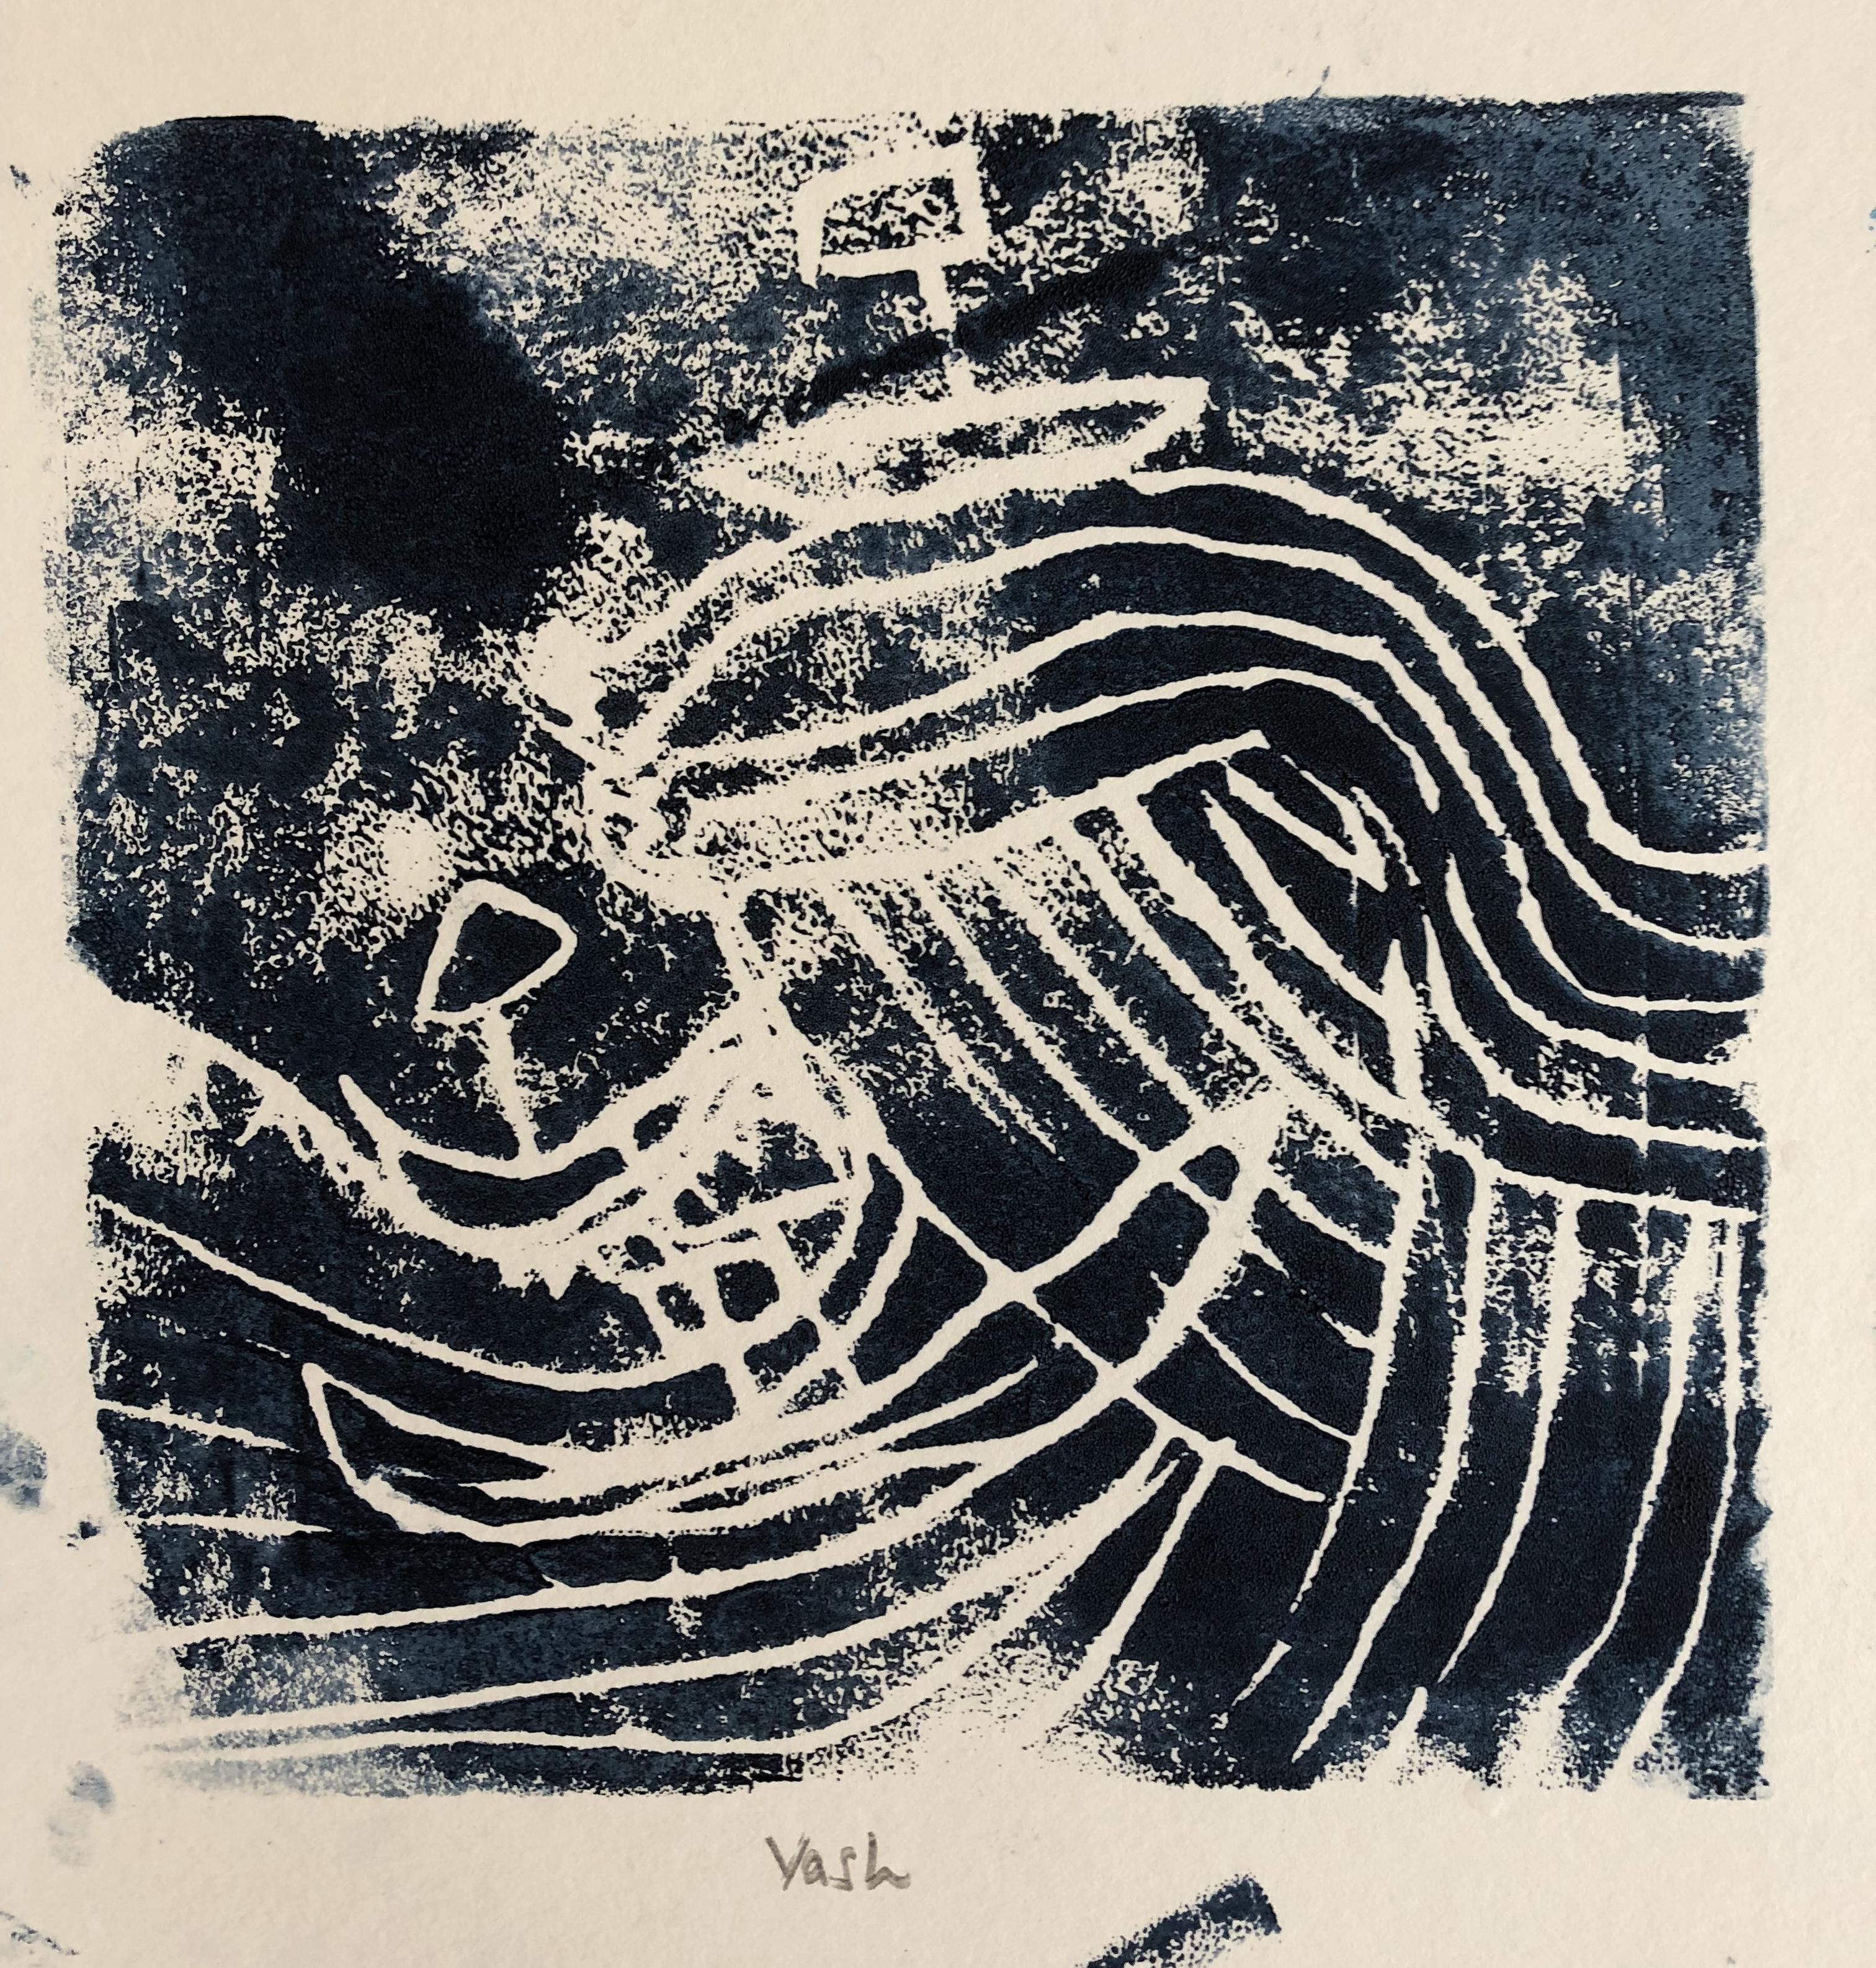 Hokusai by Yash